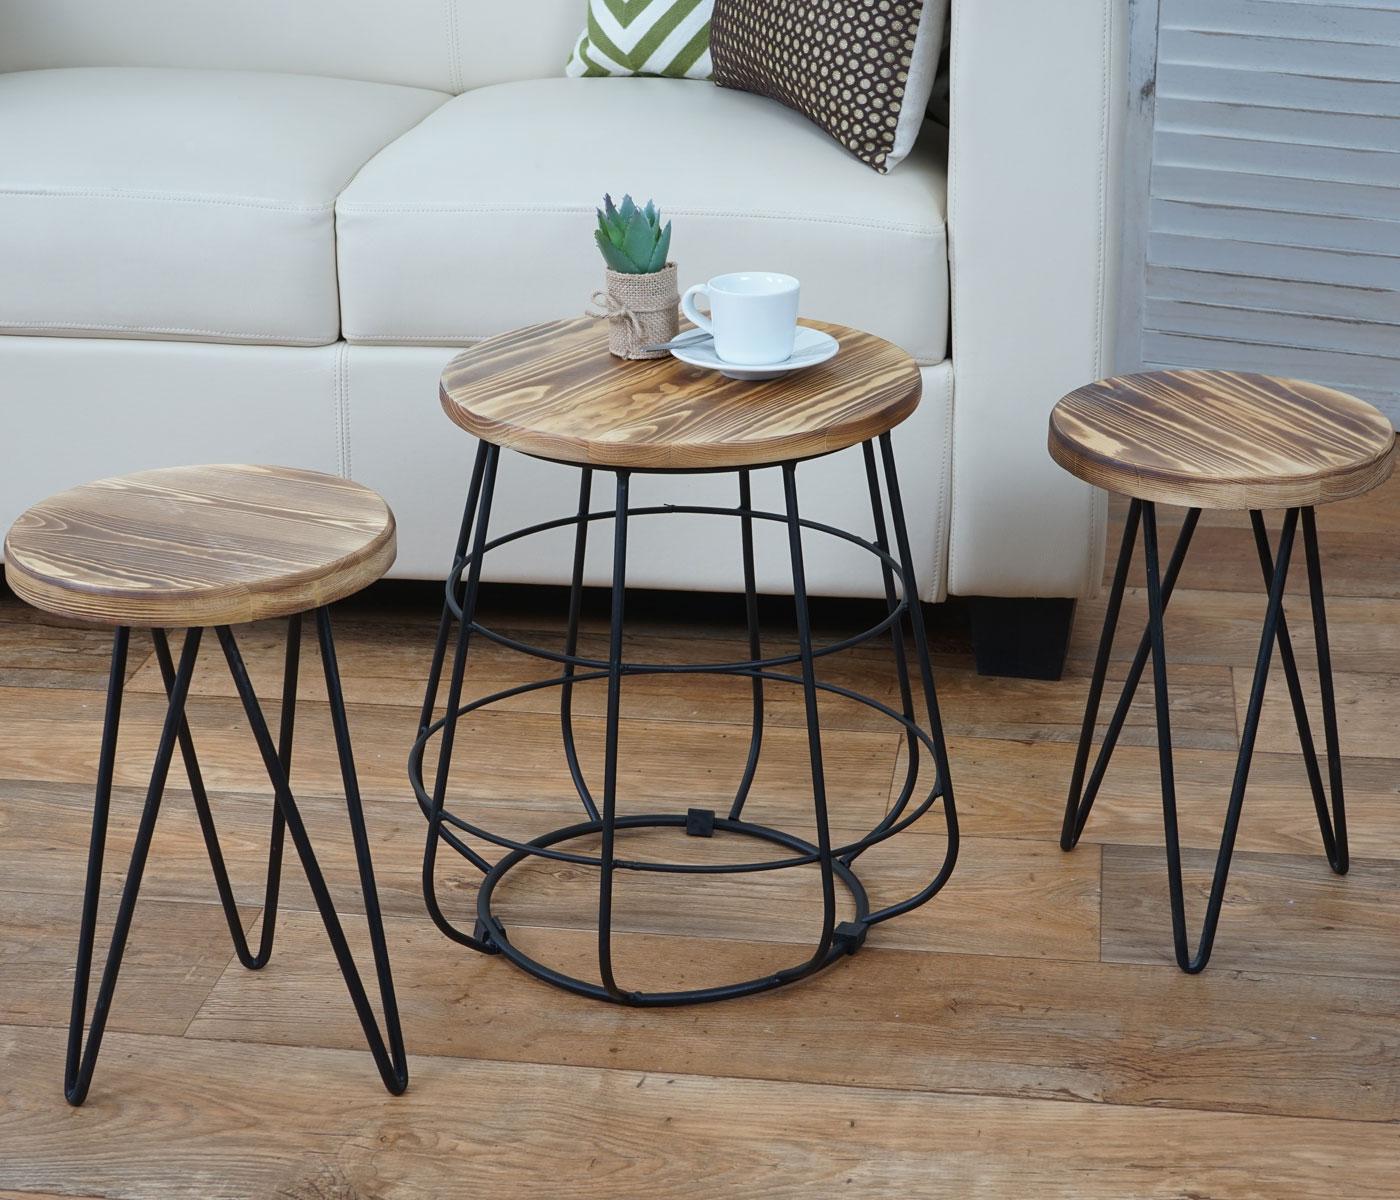 2x sitzhocker mit tisch hwc a80 sitzgruppe for Tisch industriedesign